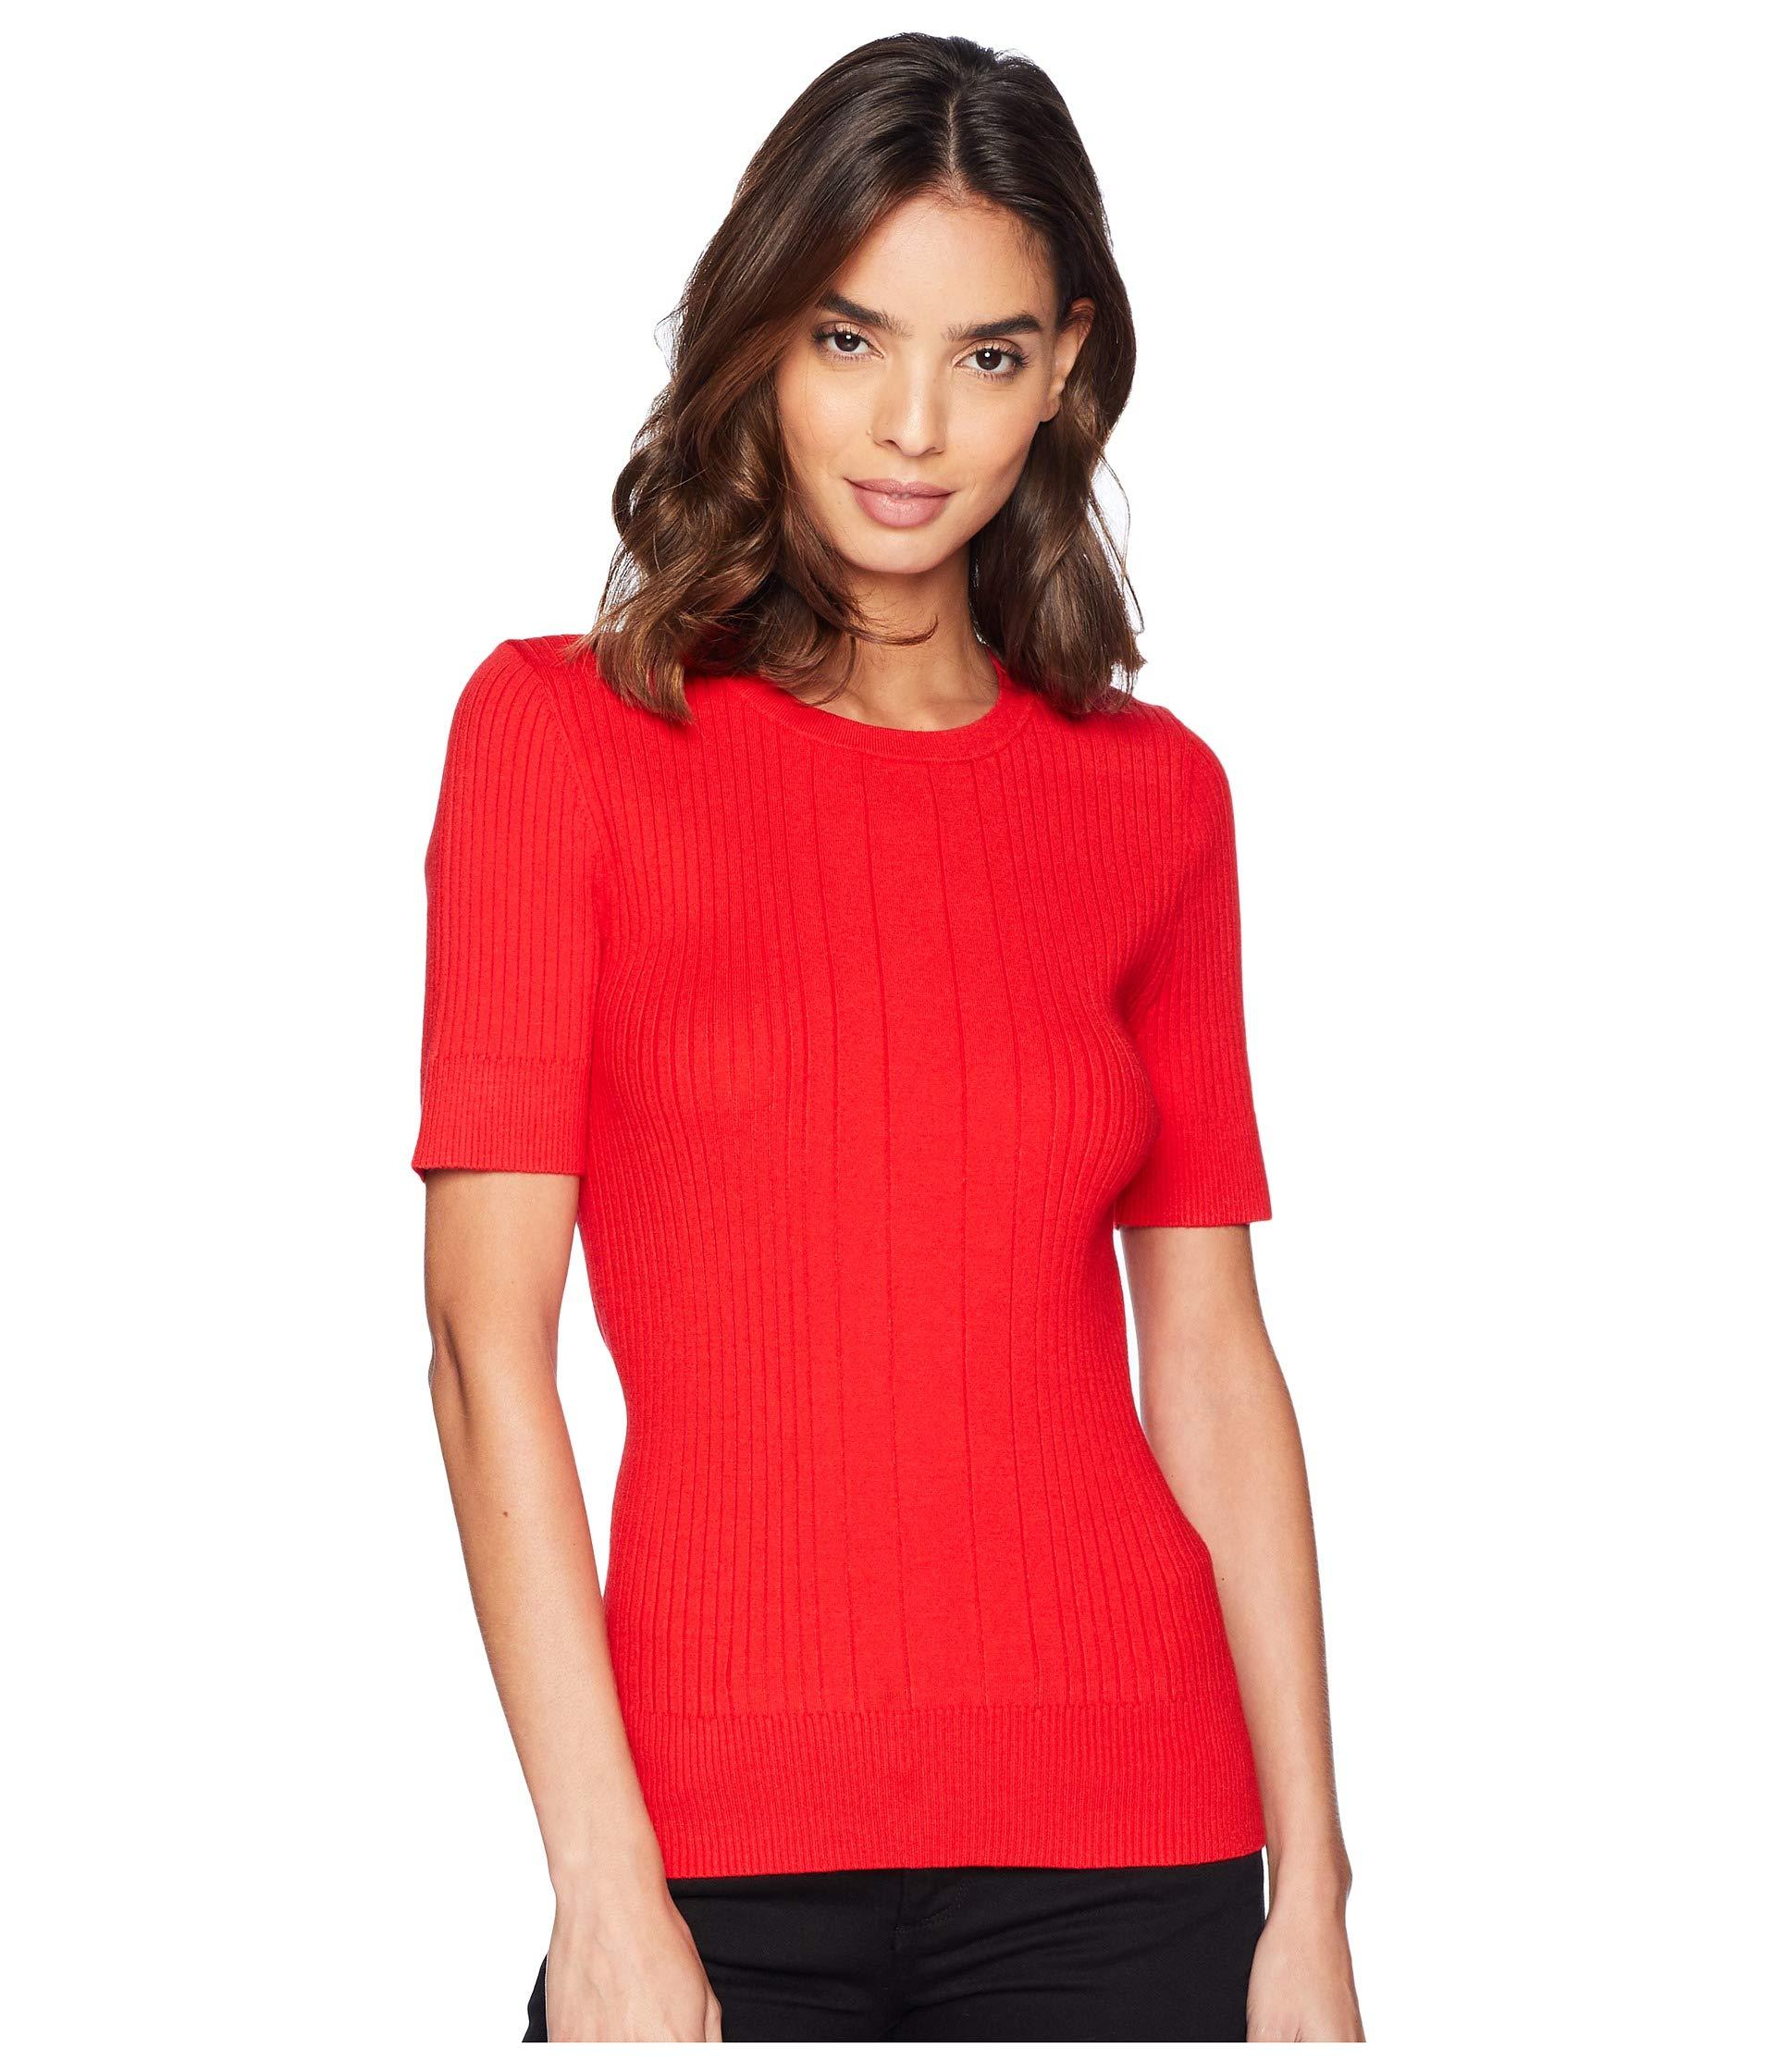 Scarlet Sweater Top Lila Turk Trina 7ZqRZ